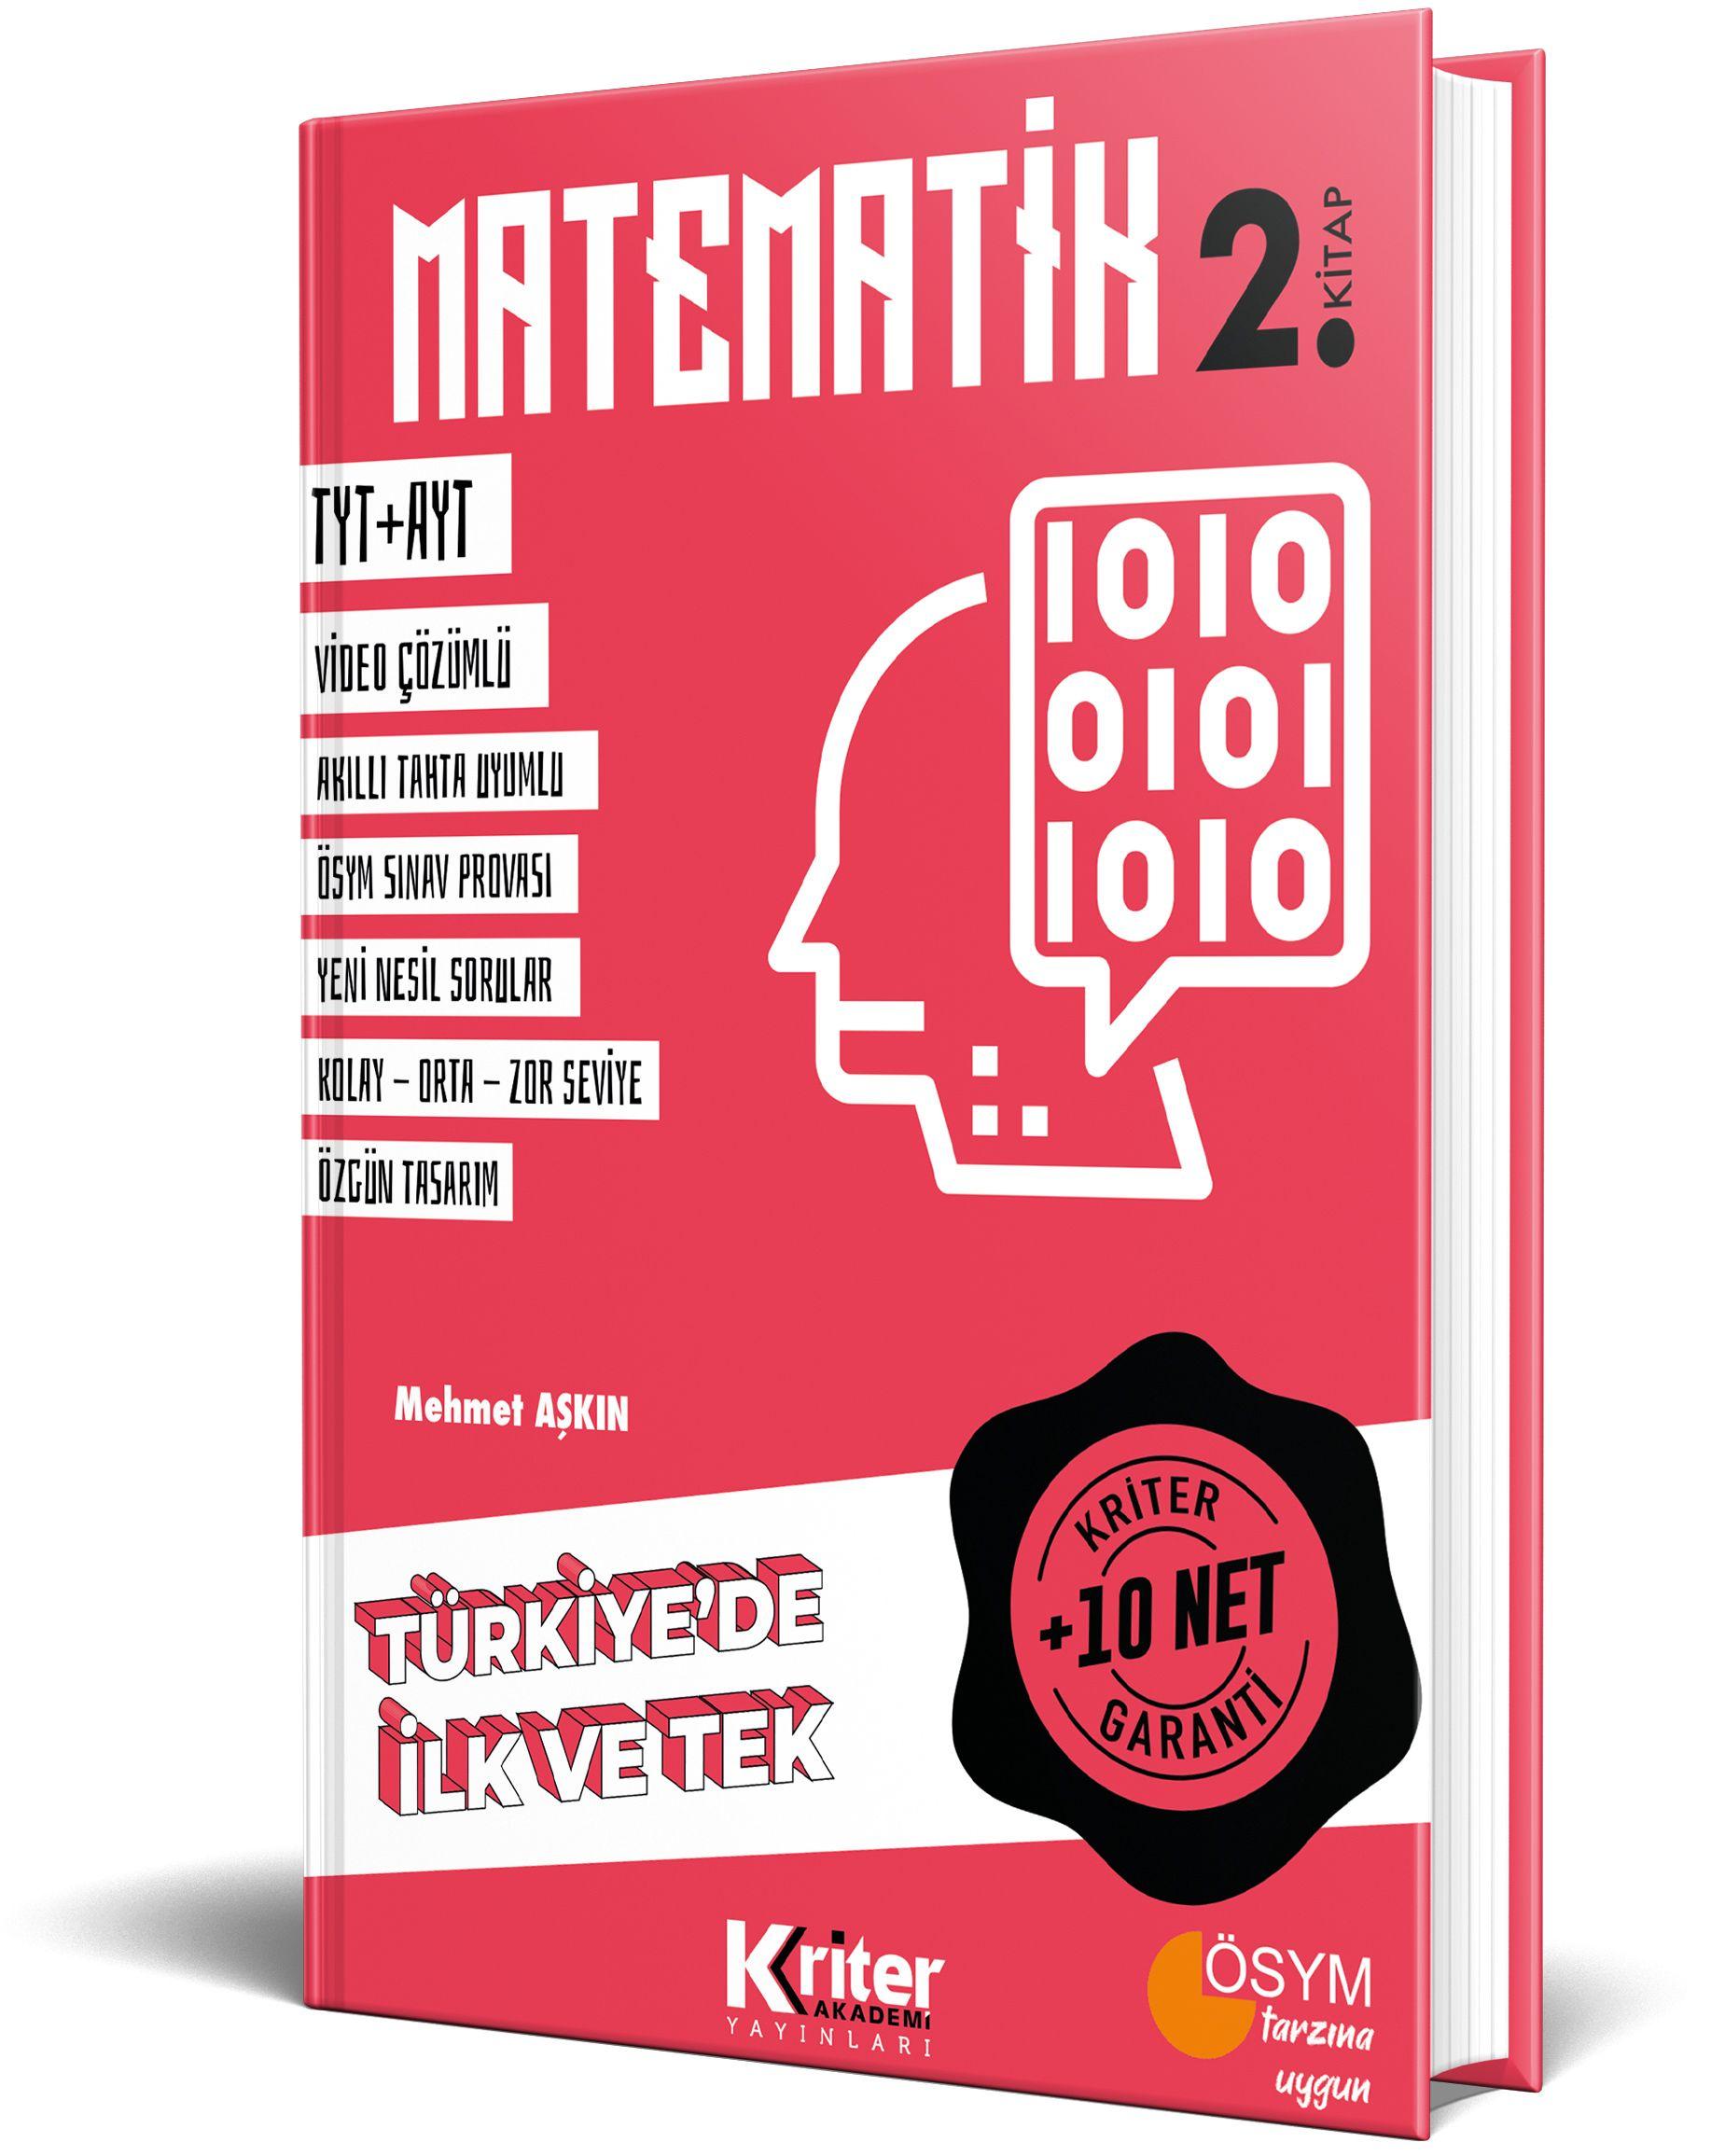 Kriter Akademi 10 Net Garantili <span>Matematik 2</span>